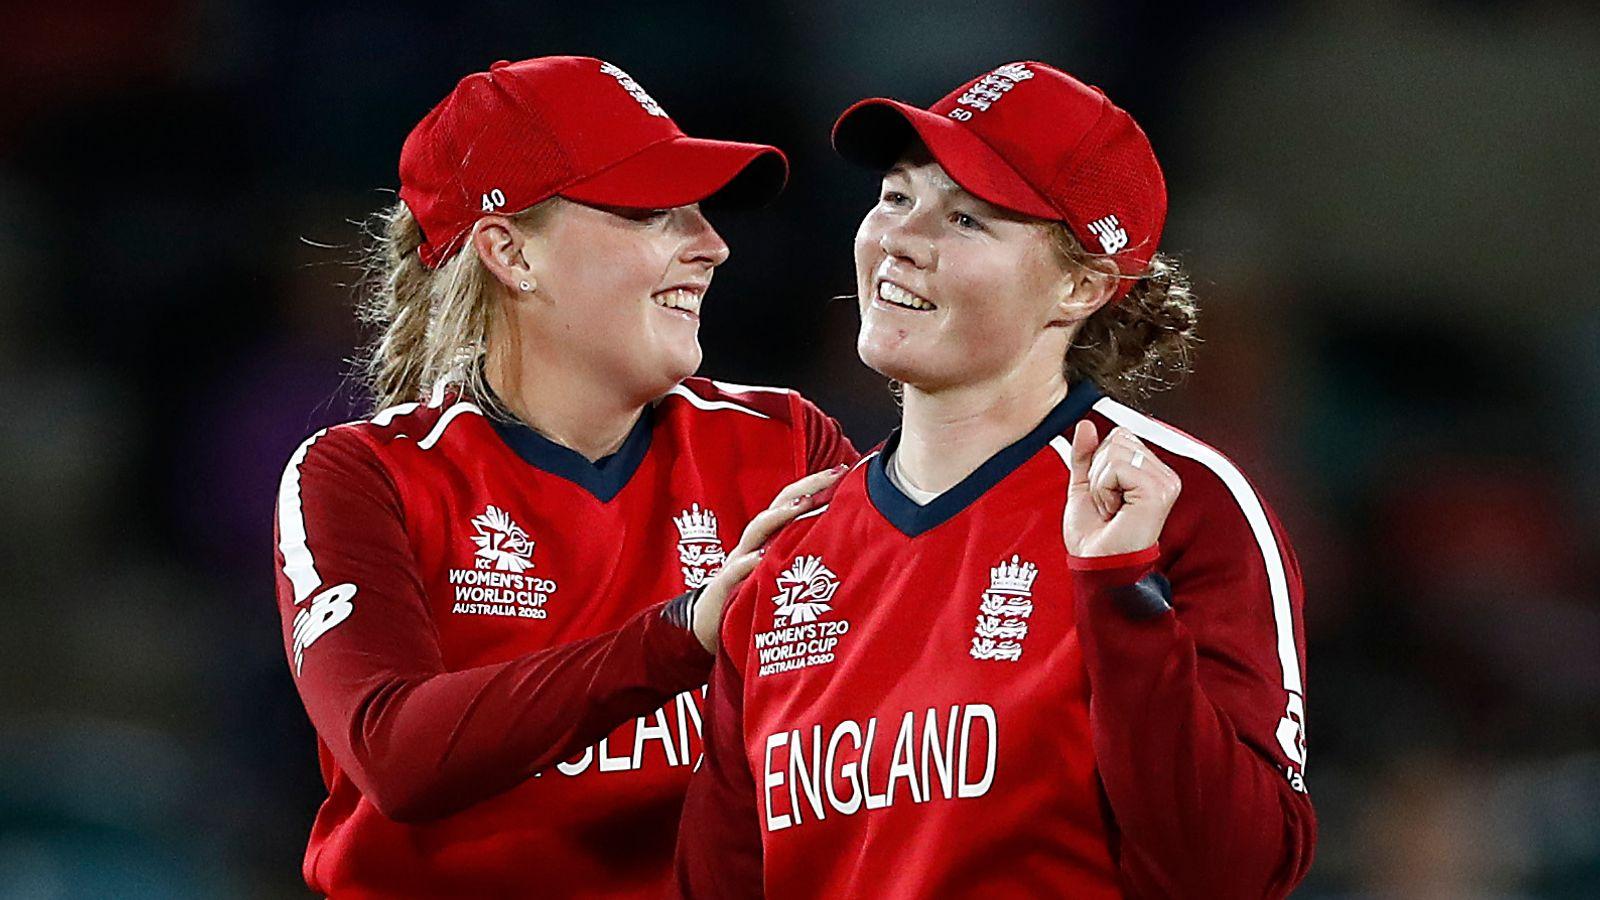 Los jugadores de bolos de Inglaterra son clave para ganar la Copa Mundial Femenina T20, dice Charlotte Edwards Noticias de Cricket 6